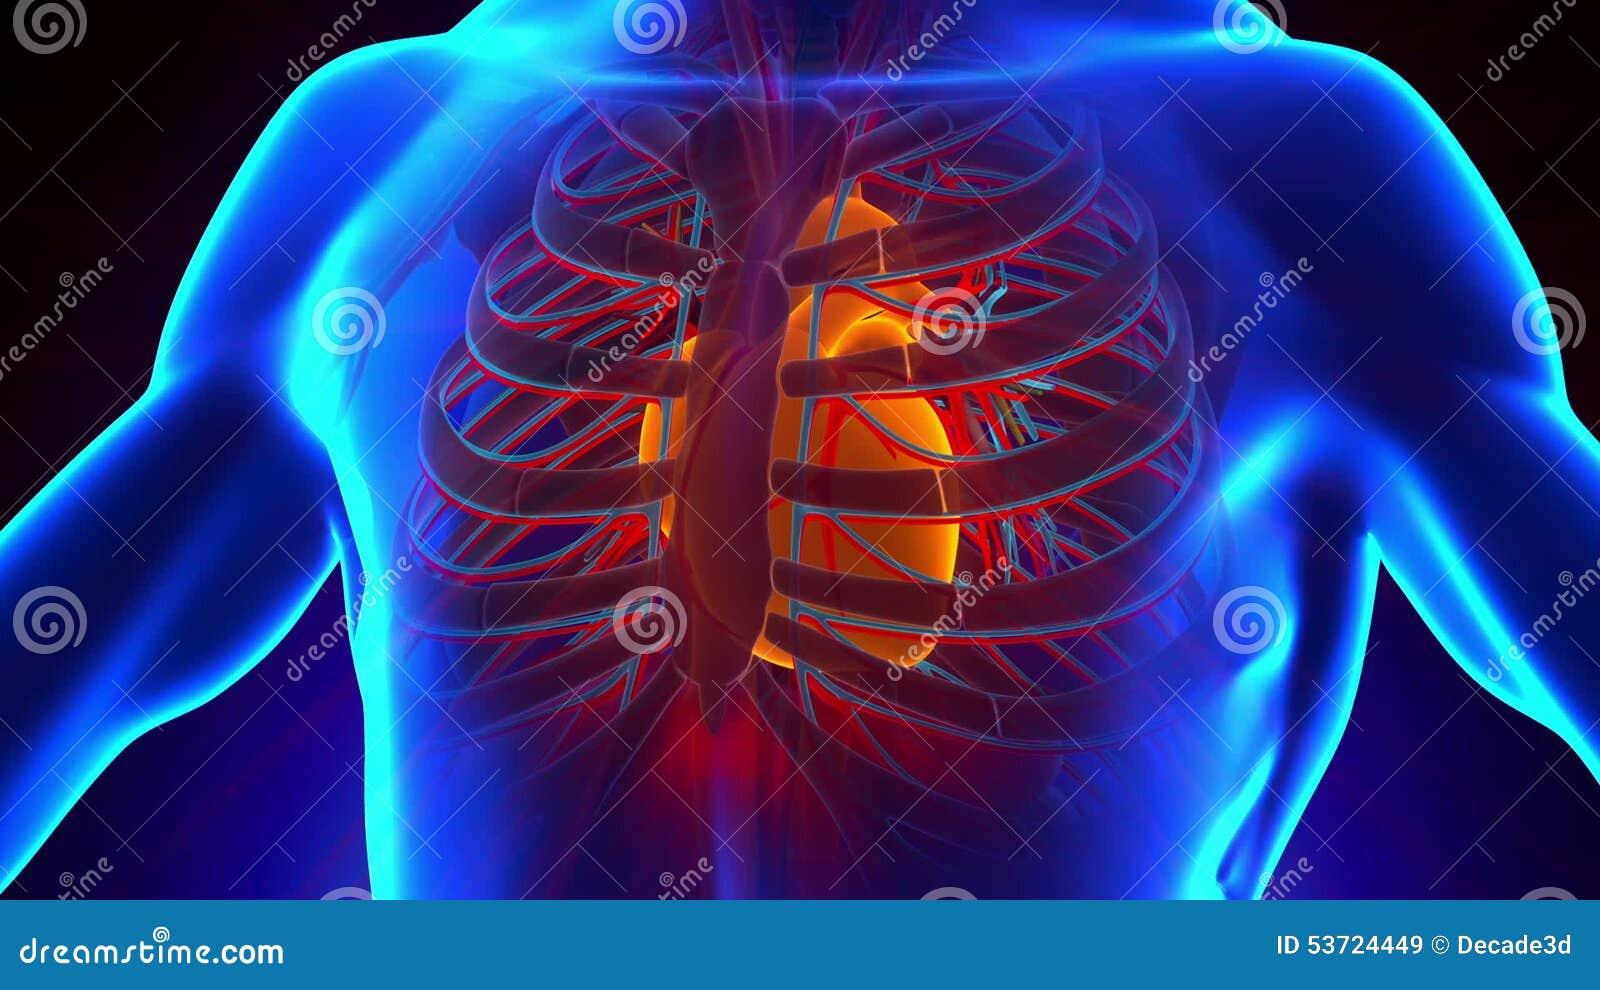 Anatomie Des Menschlichen Herzens - Medizinischer Röntgenstrahl-Scan ...